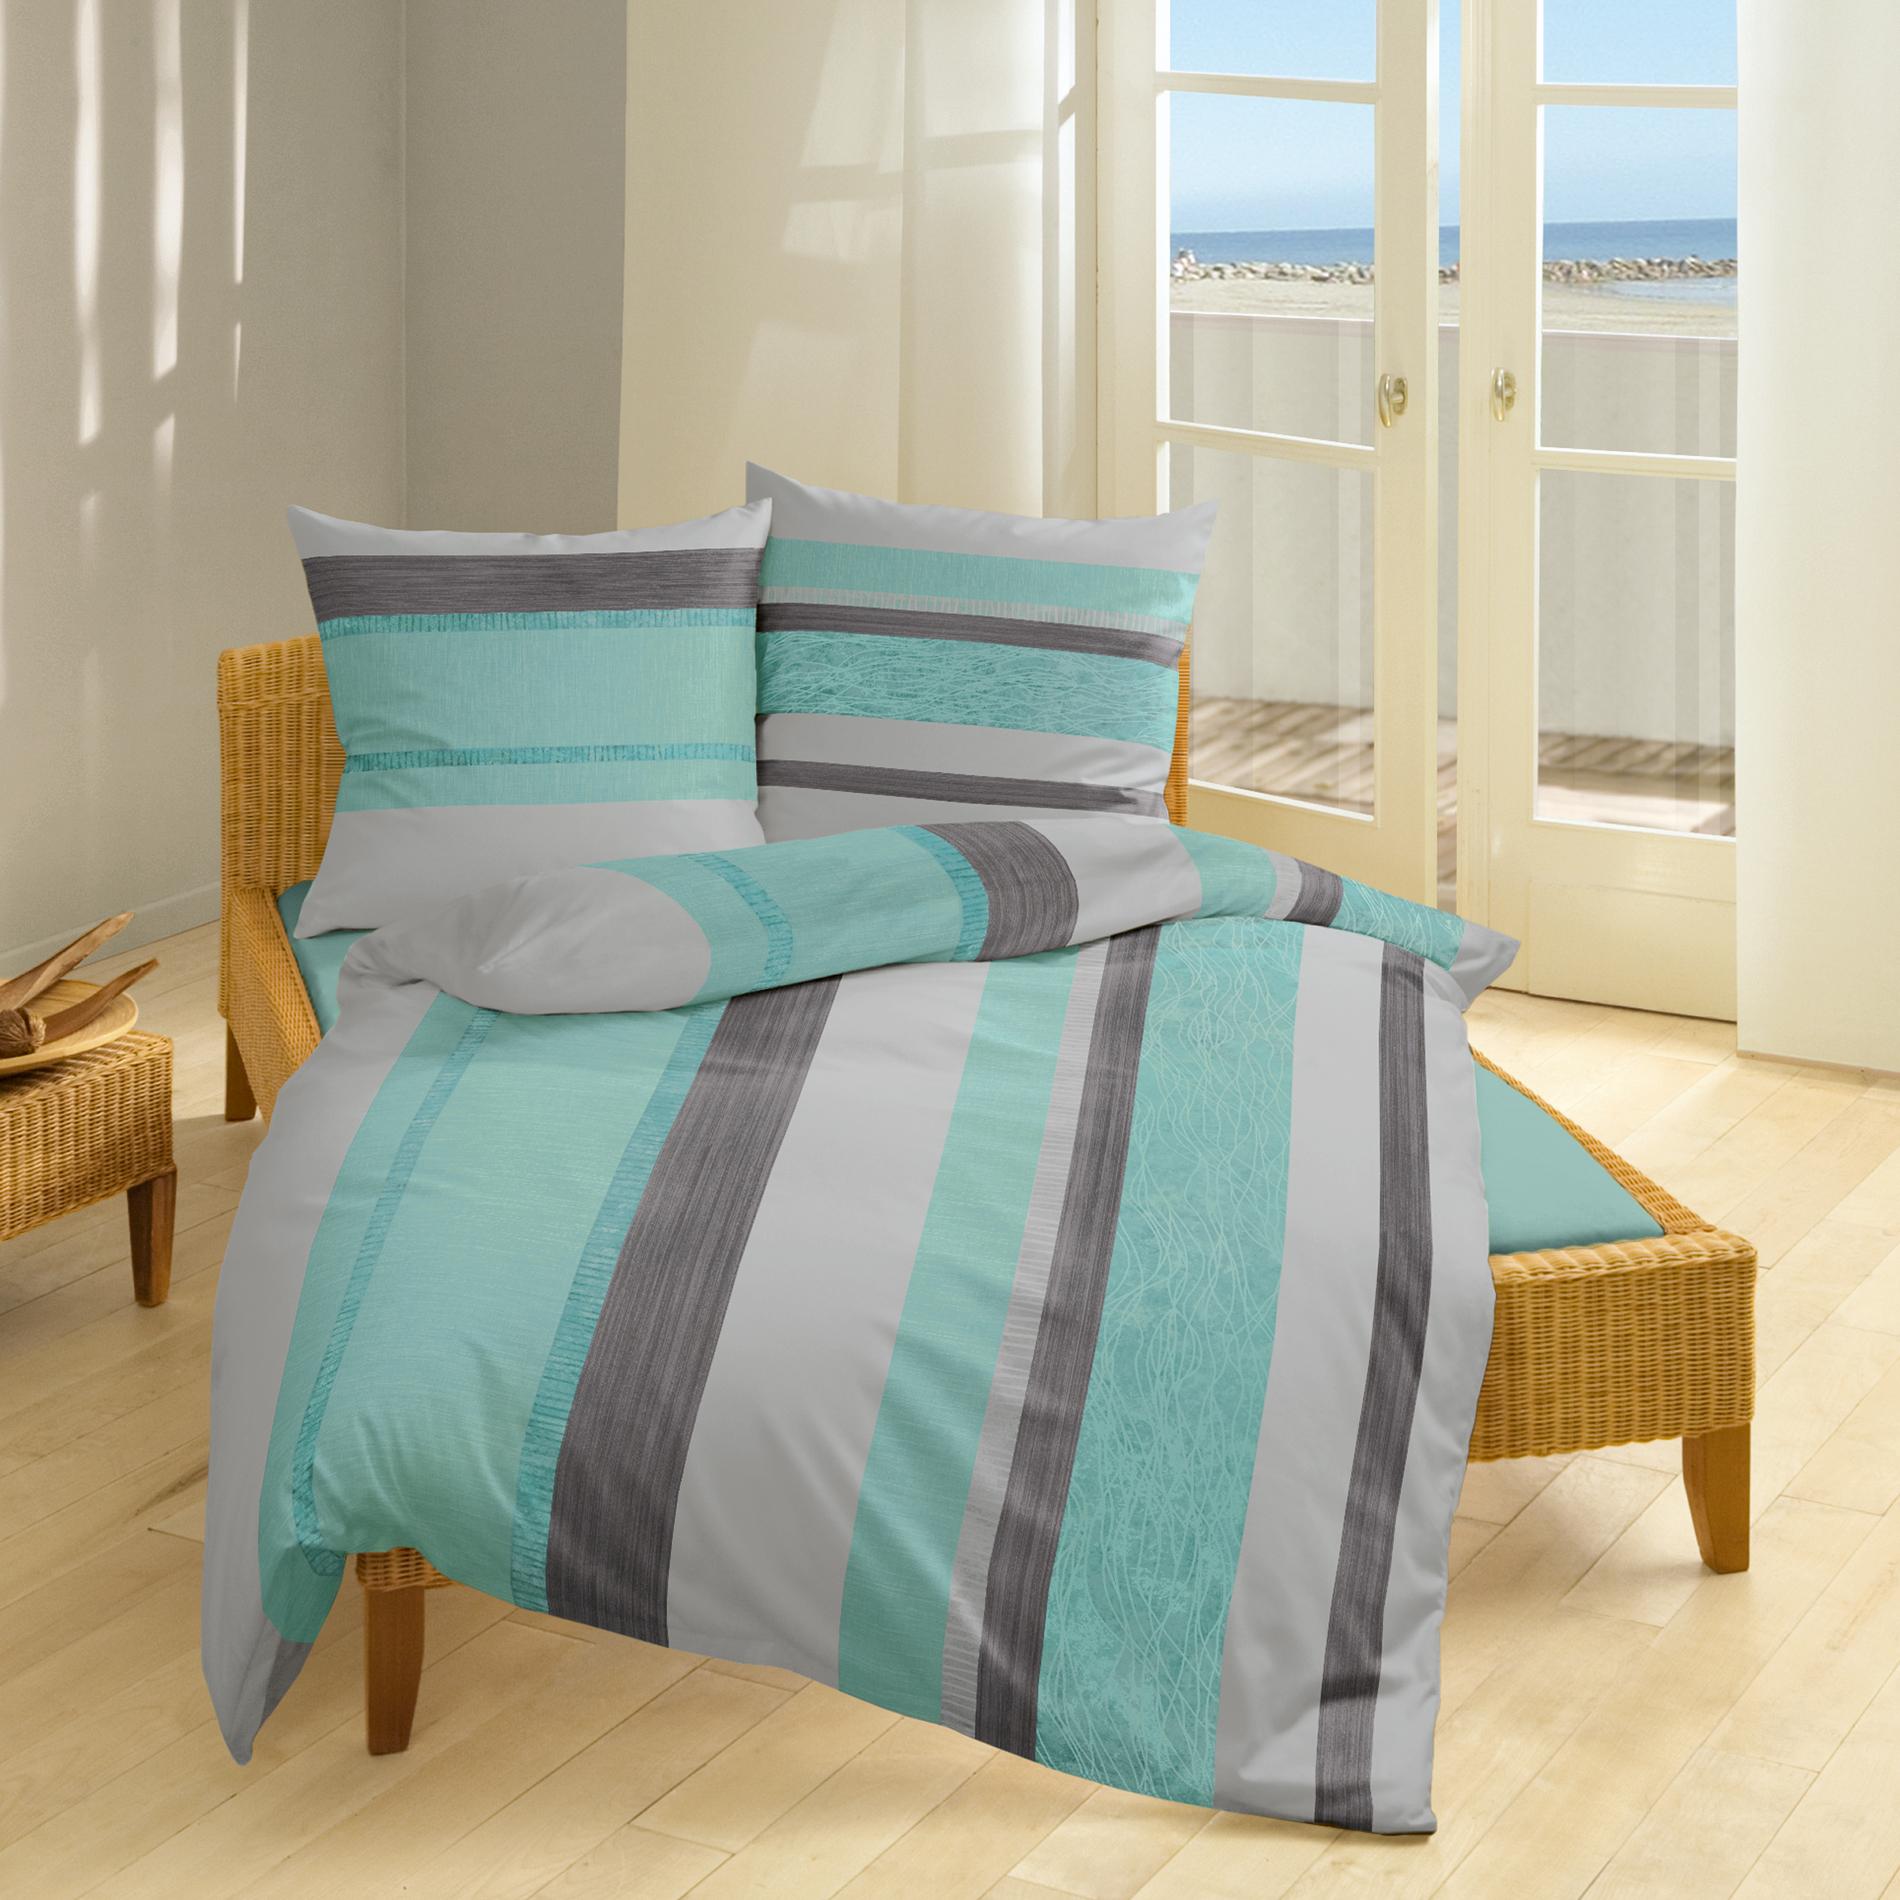 Dreamtex Thermo Fleece Bettwäsche 135 X 200 Cm Elegant Stripes